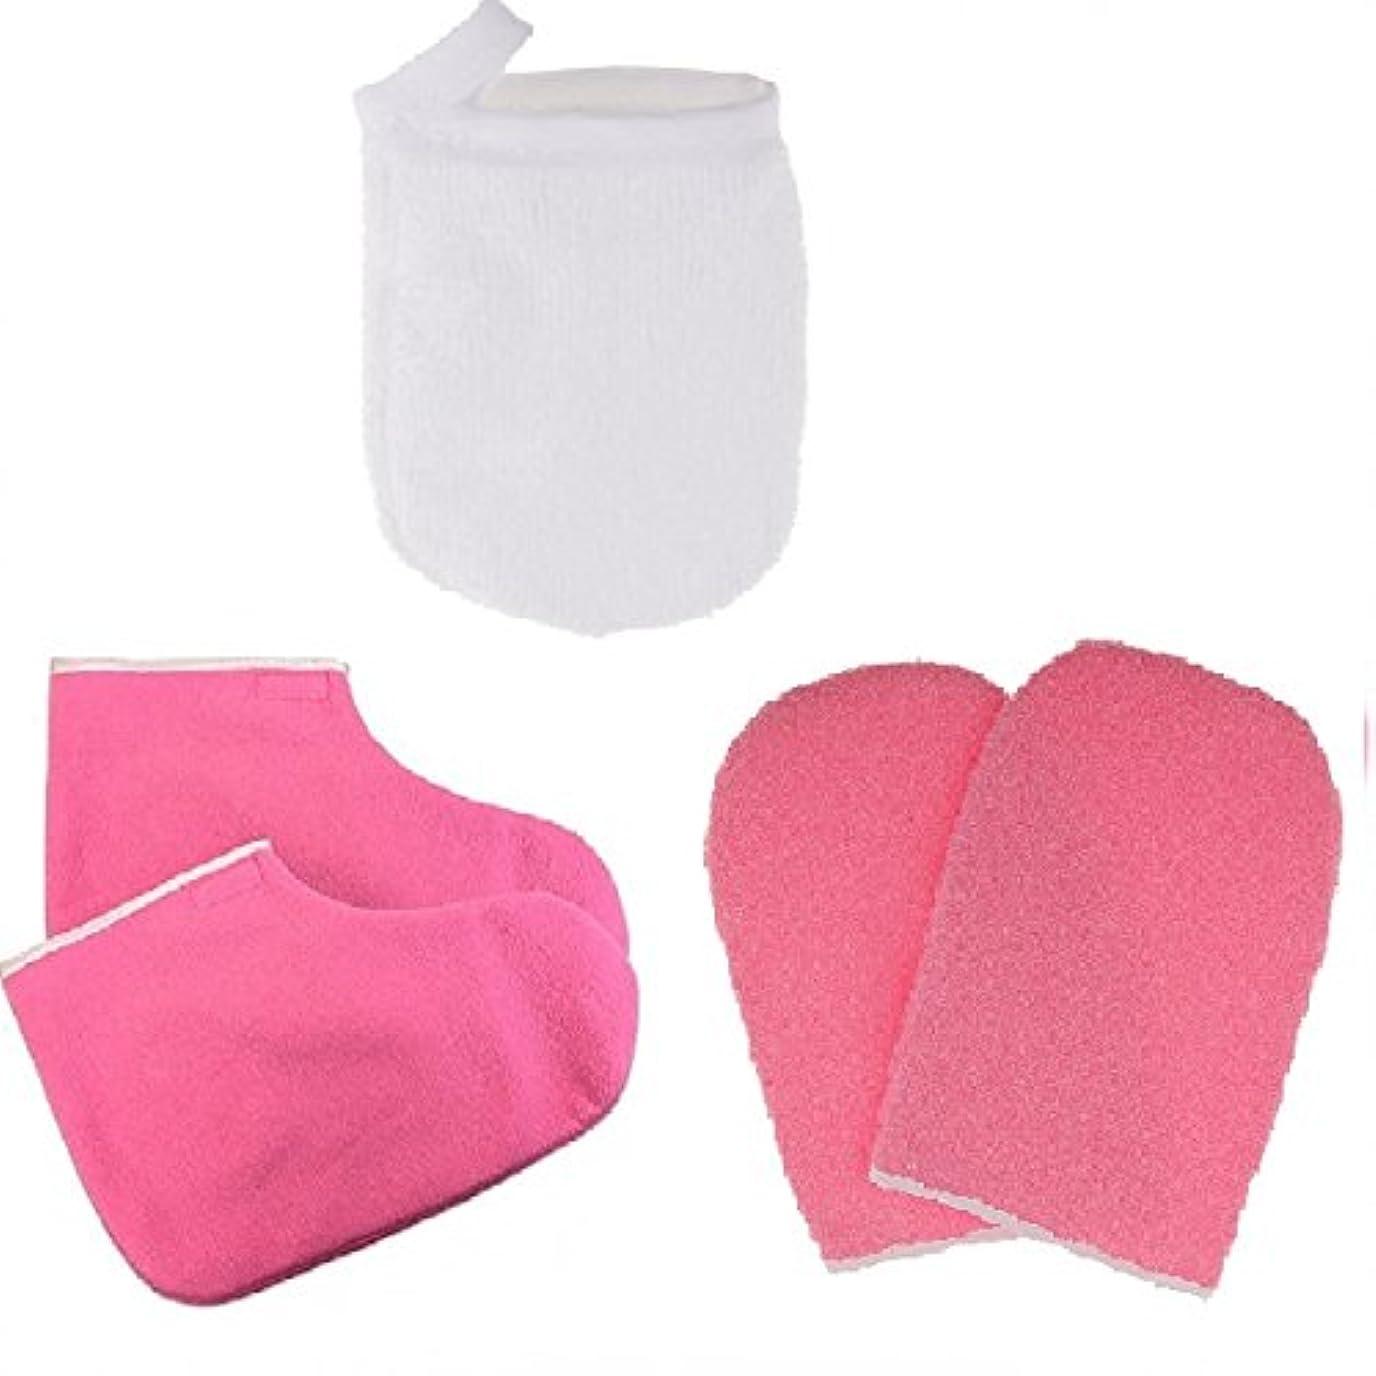 カプセル敬の念写真B Blesiya グローブ パラフィンワックス保護手袋 メイクリムーバー パッド パラフィンワックス手袋